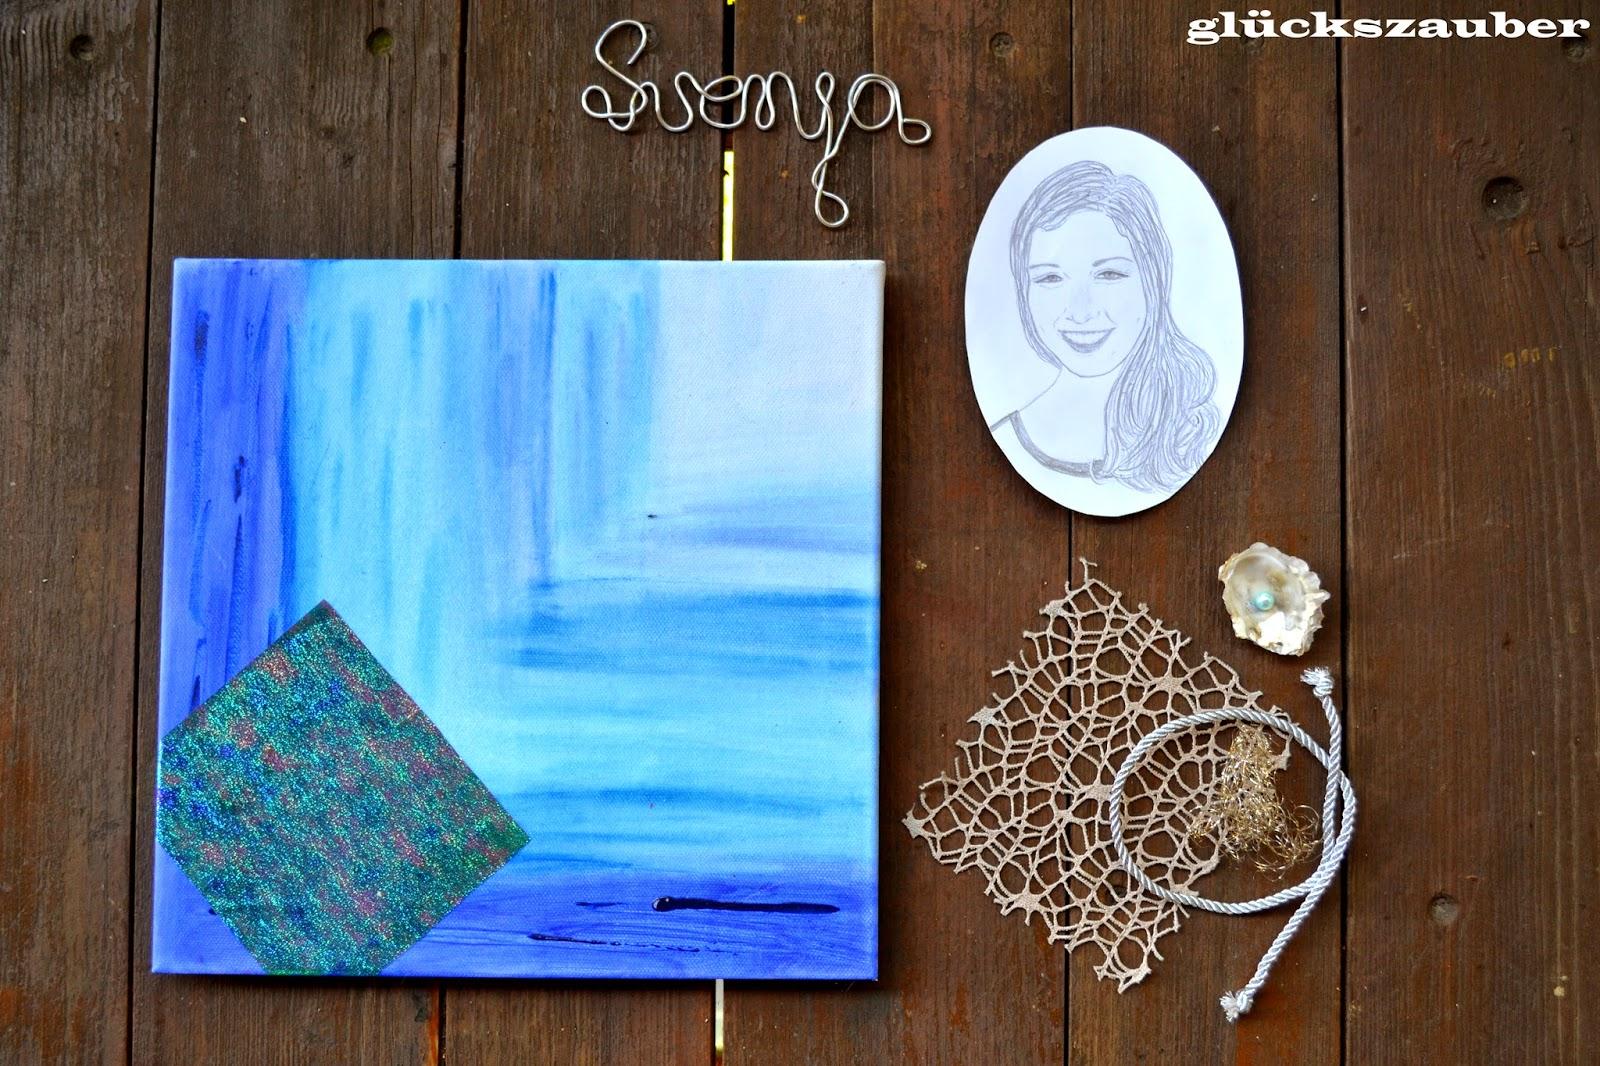 gl ckszauber geburtstagsgeschenk f r eine liebe freundin leinwand collage mit portrait. Black Bedroom Furniture Sets. Home Design Ideas